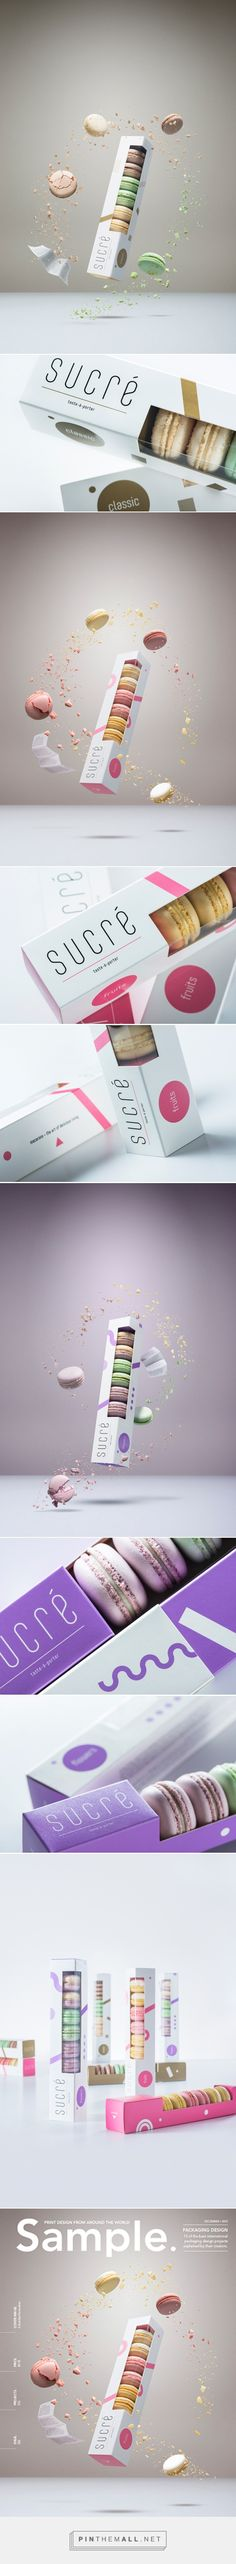 SUCRÉ Macarons by Edvardas Kavarskas - created on 2016-03-26 17:06:38